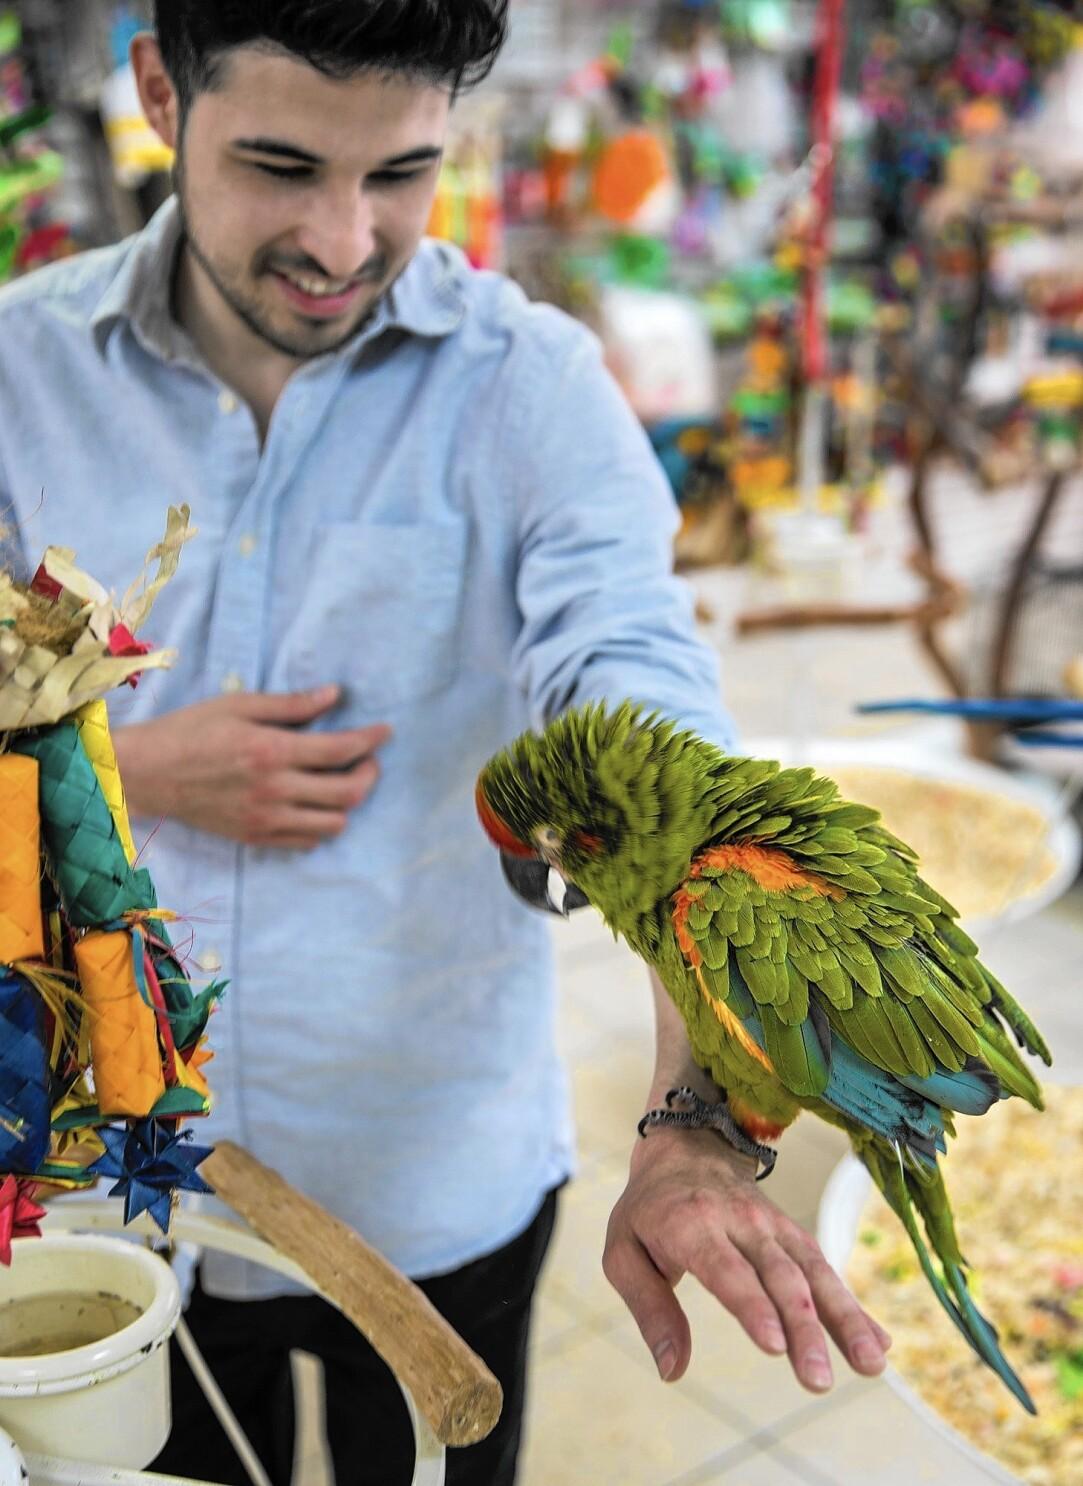 Hansen: Man's other best friend: the bird - Los Angeles Times